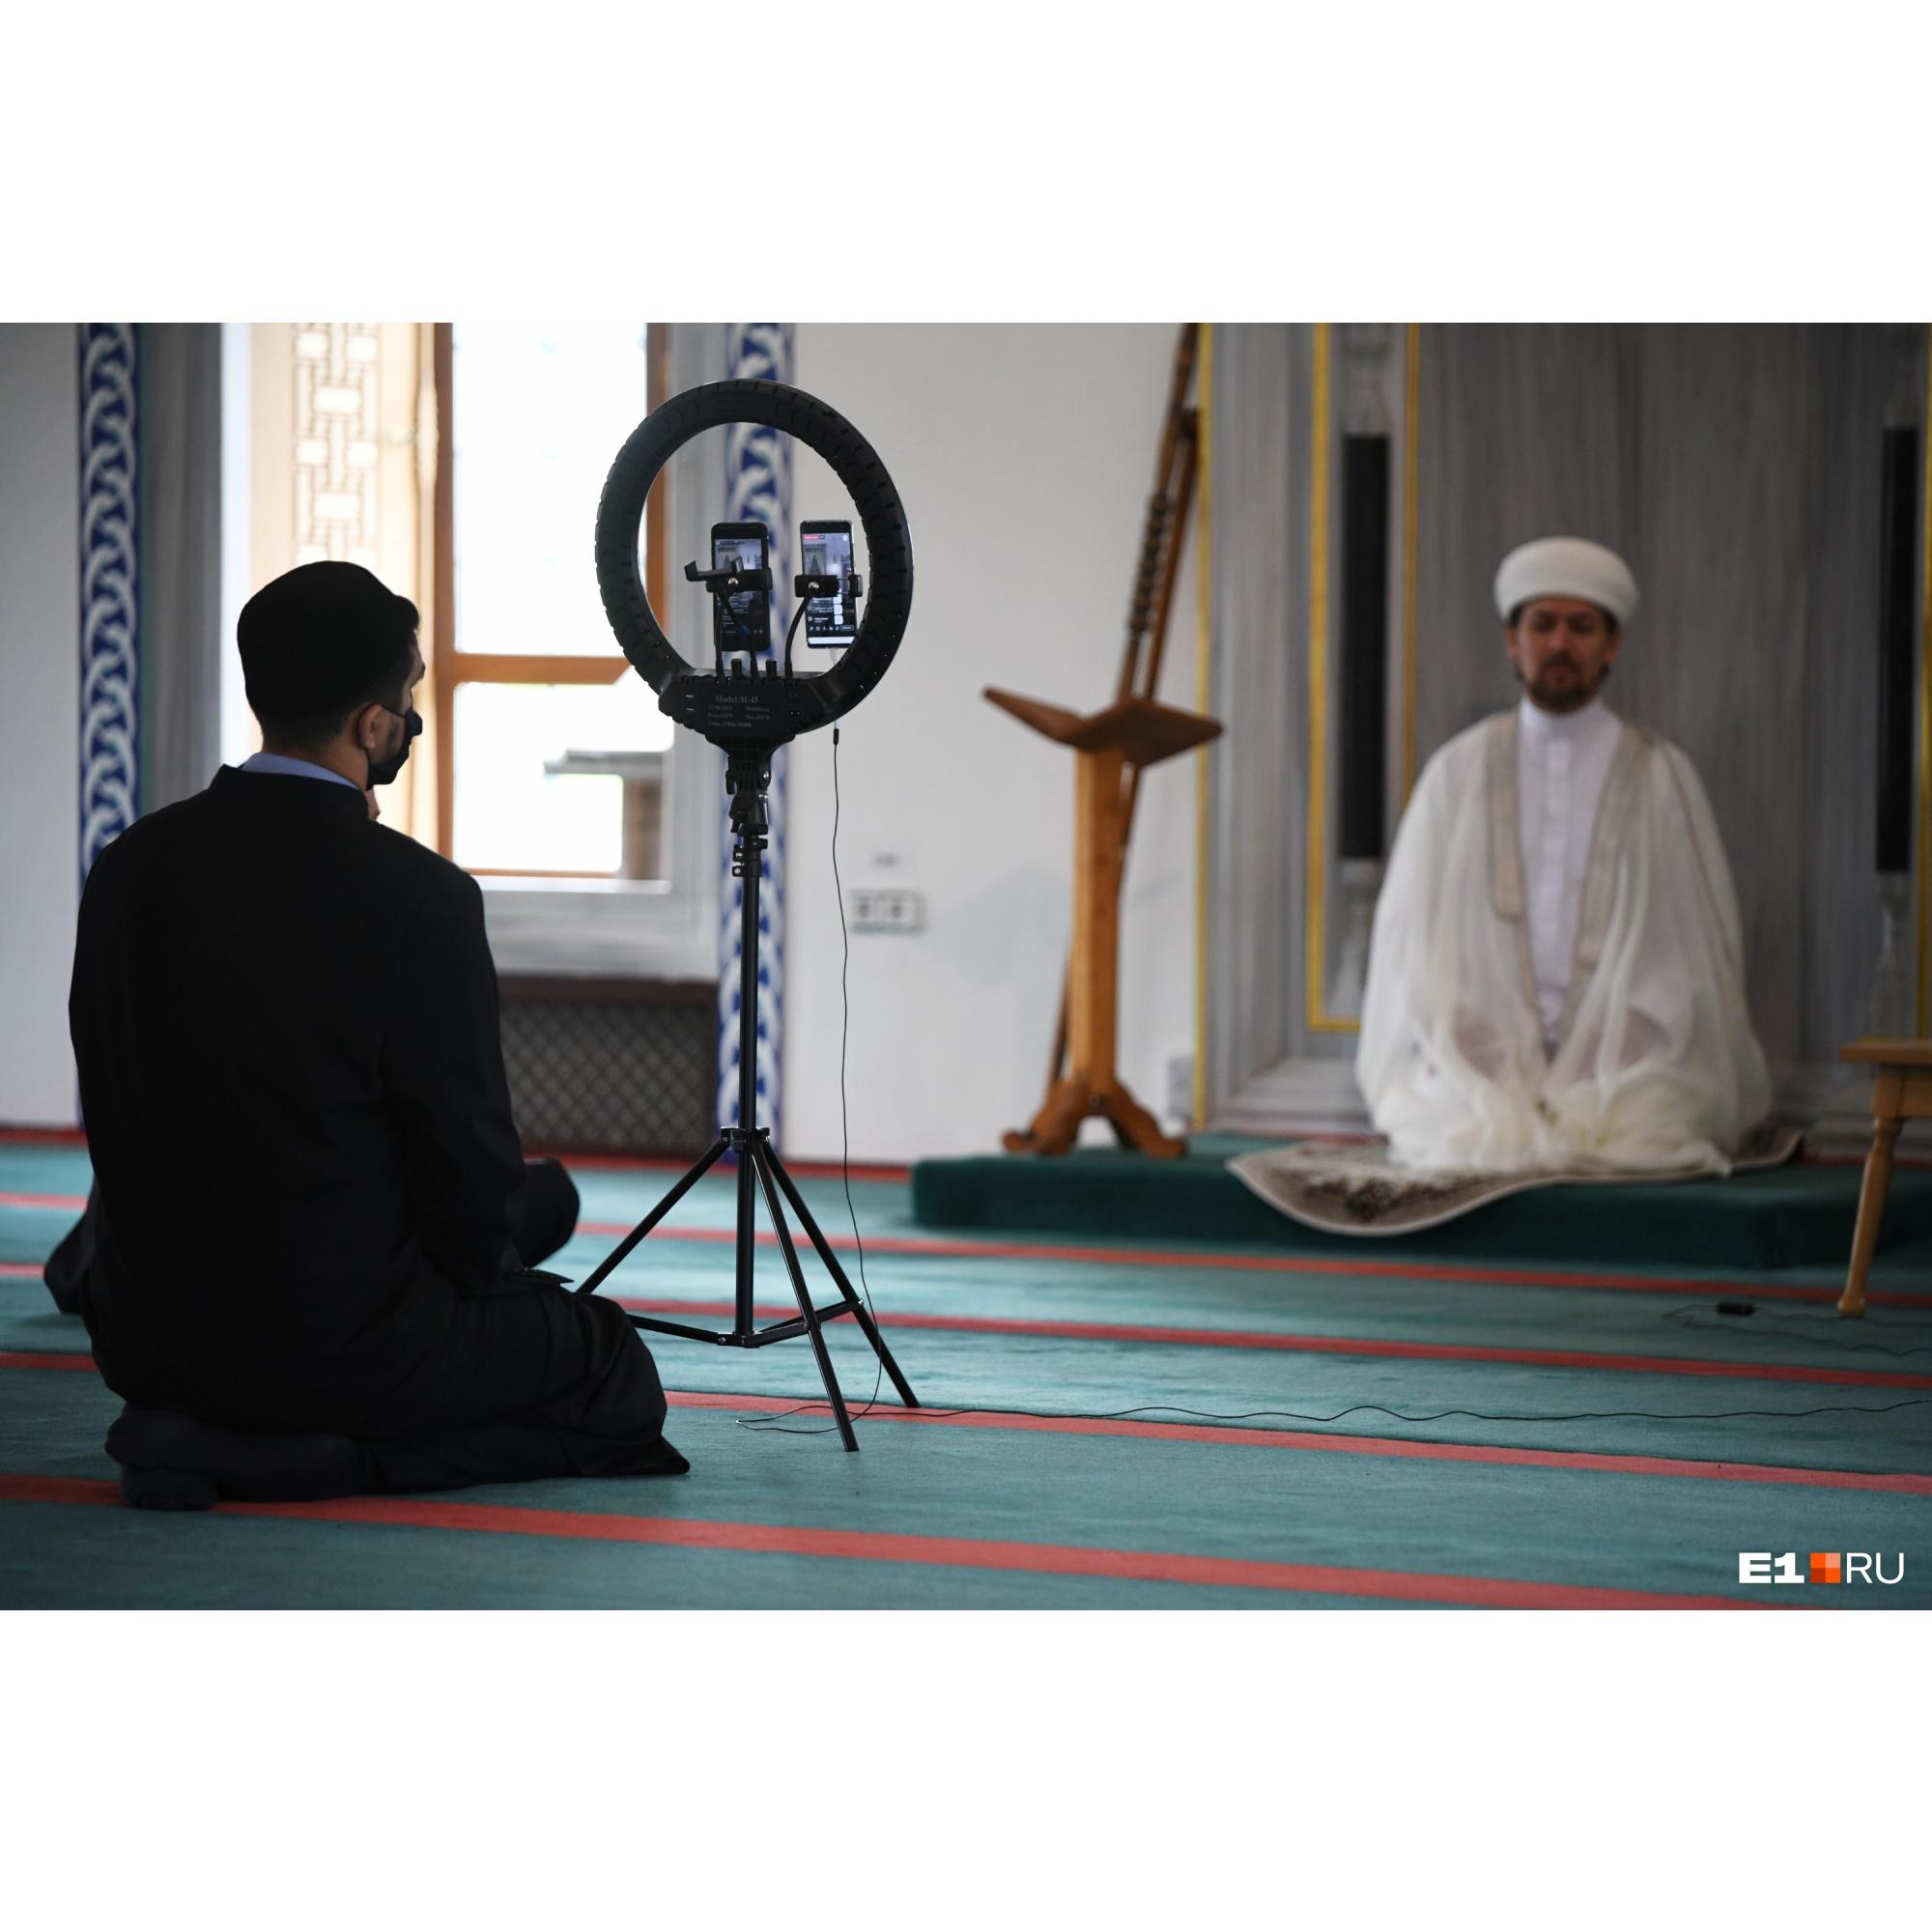 Поздравлять друг друга мусульмане сегодня тоже будут по видеосвязи